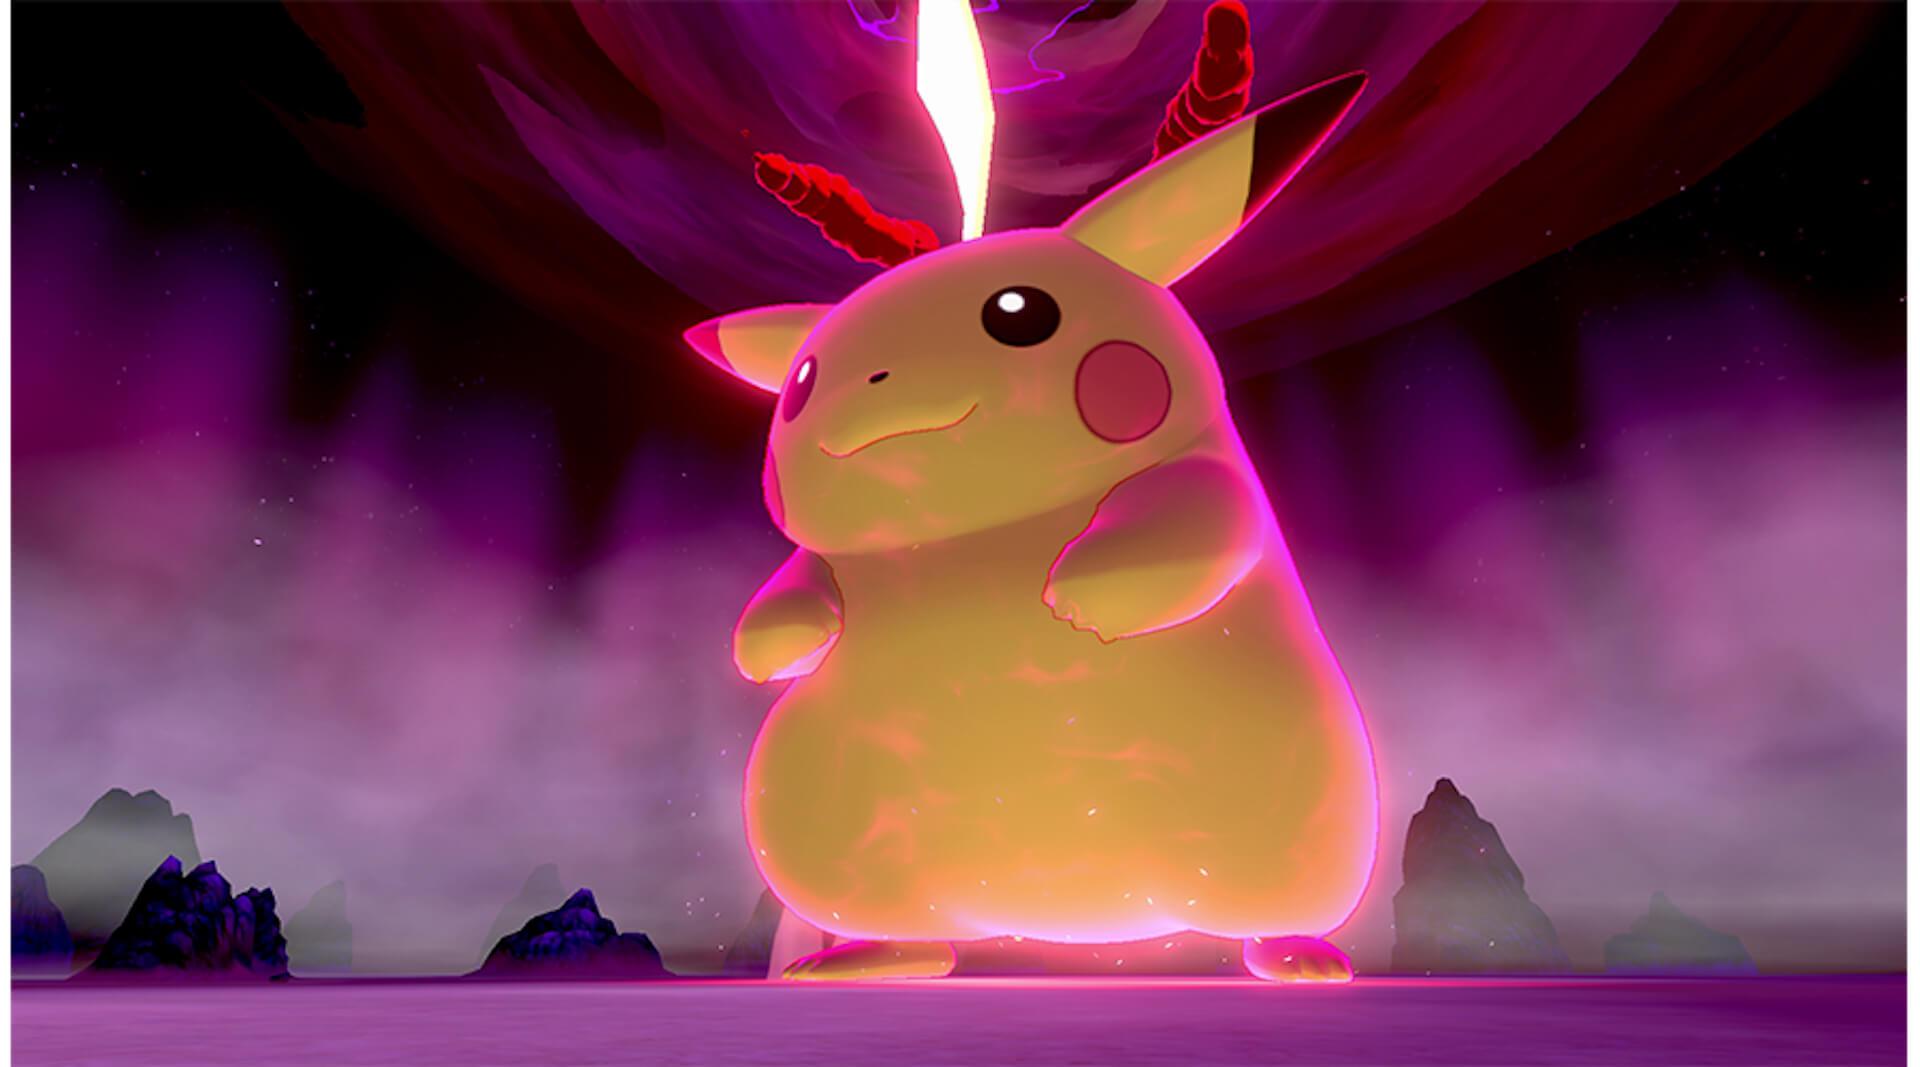 2月27日は「Pokémon Day」25周年!『ポケモン ソード・シールド』、『Pokémon GO』などで新企画が満載 art210219_pokemonday_1